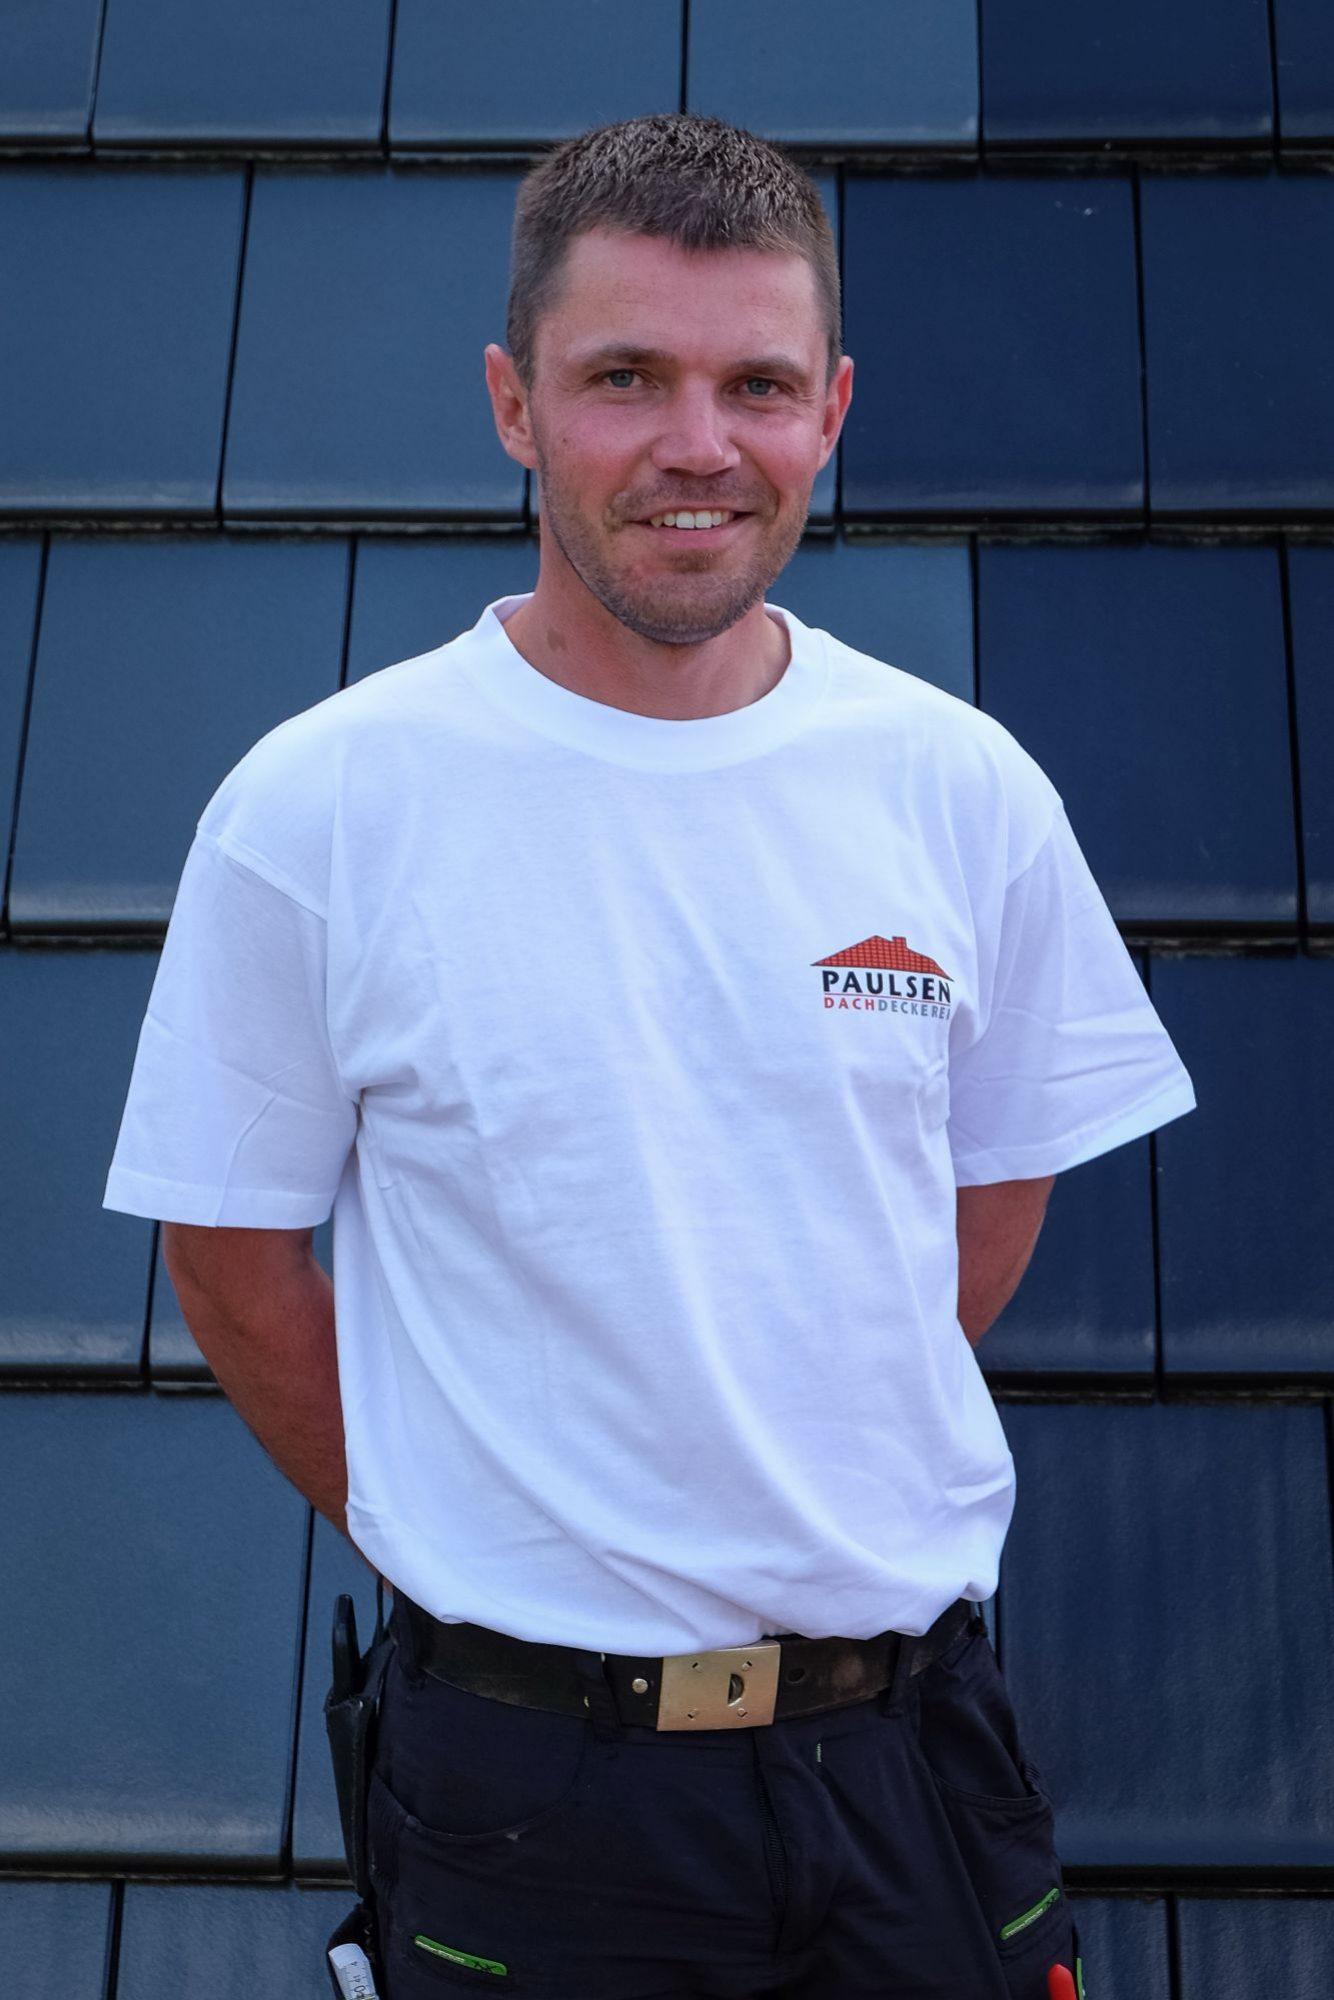 Martin Nehls (Vorarbeiter)